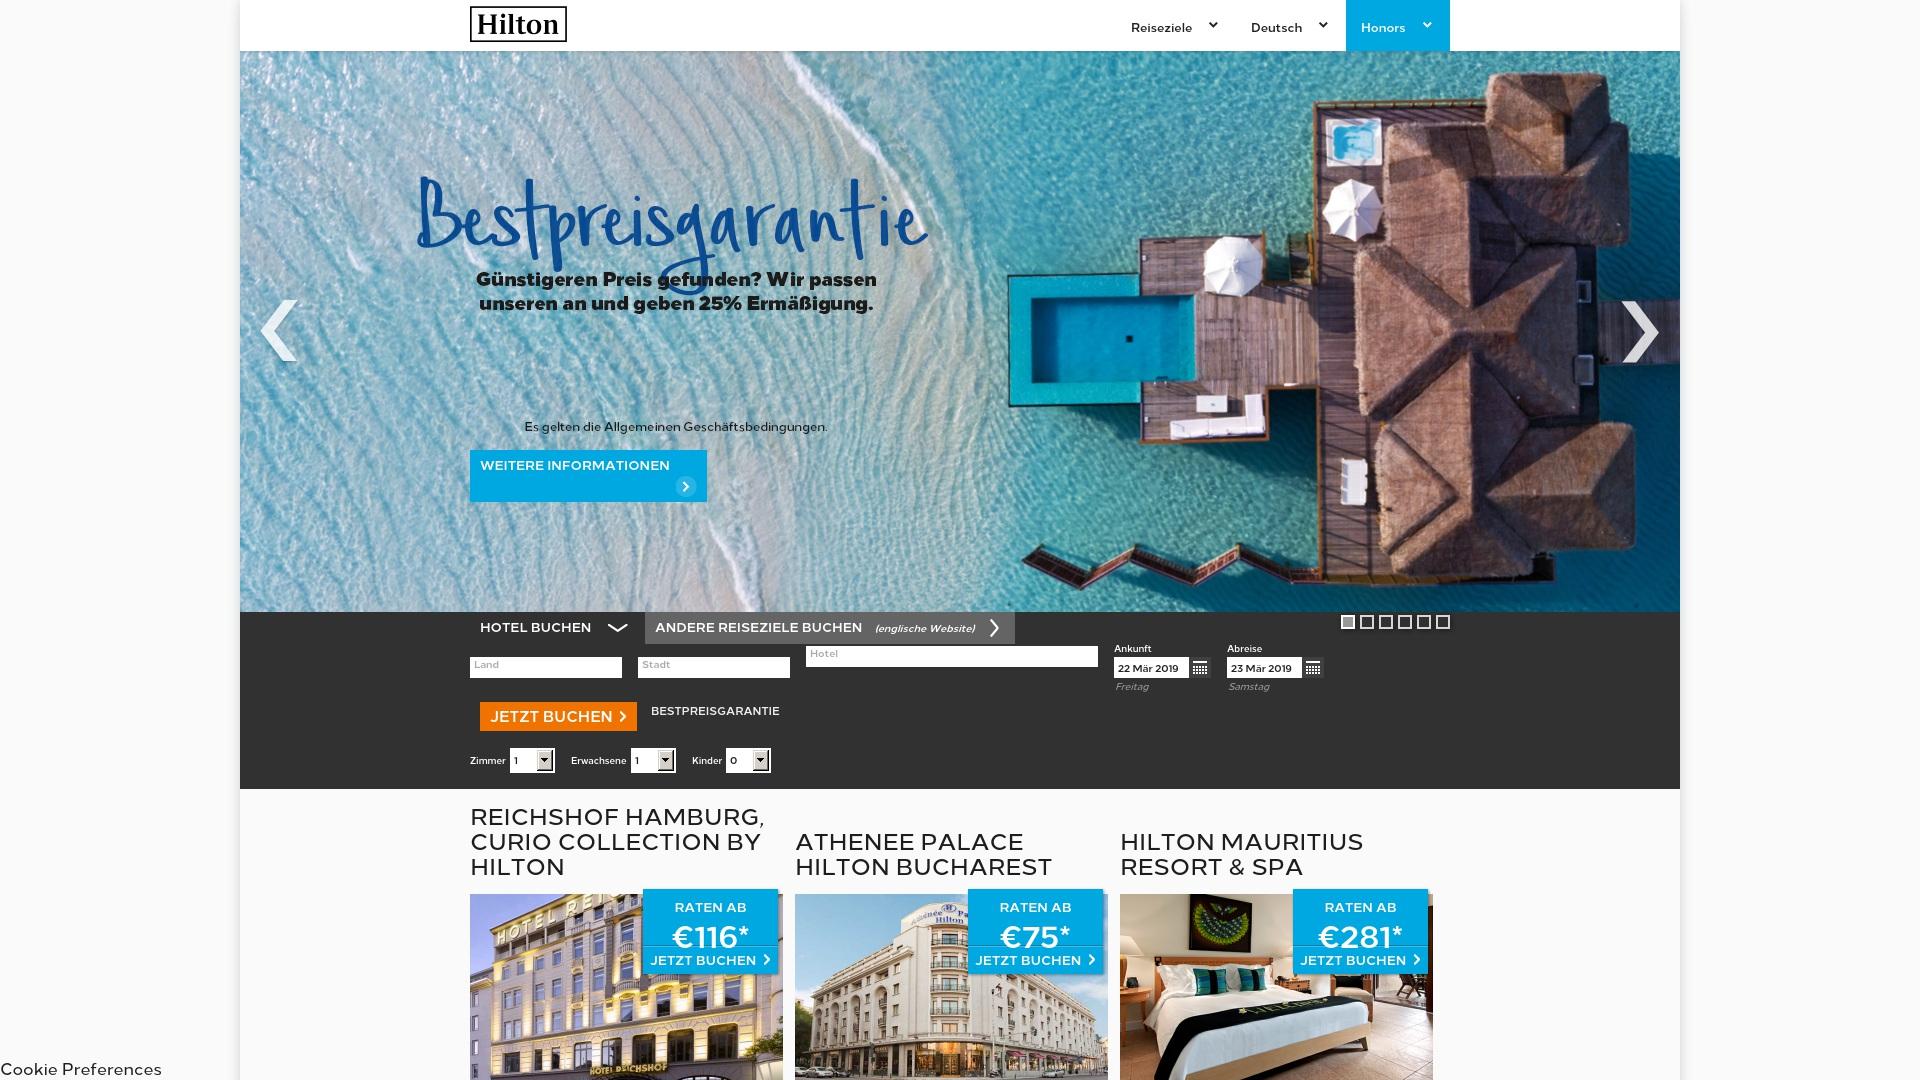 Gutschein für Hiltonhotels: Rabatte für  Hiltonhotels sichern